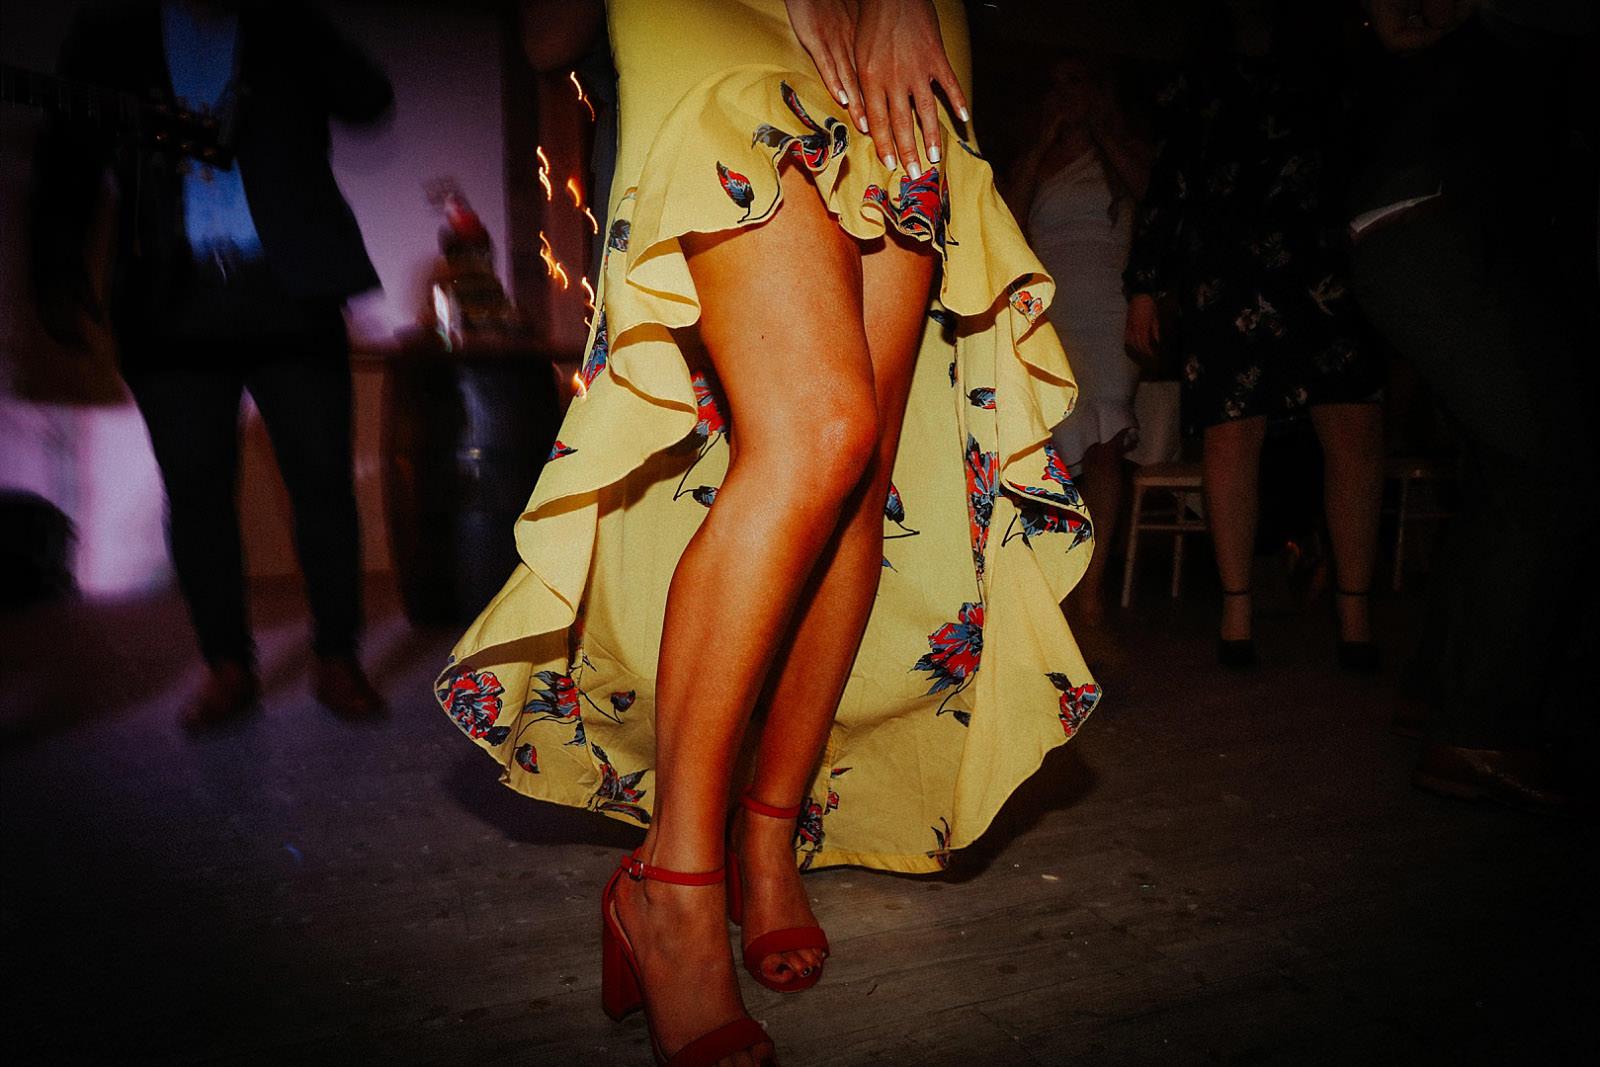 womans legs dancing on the dance floor